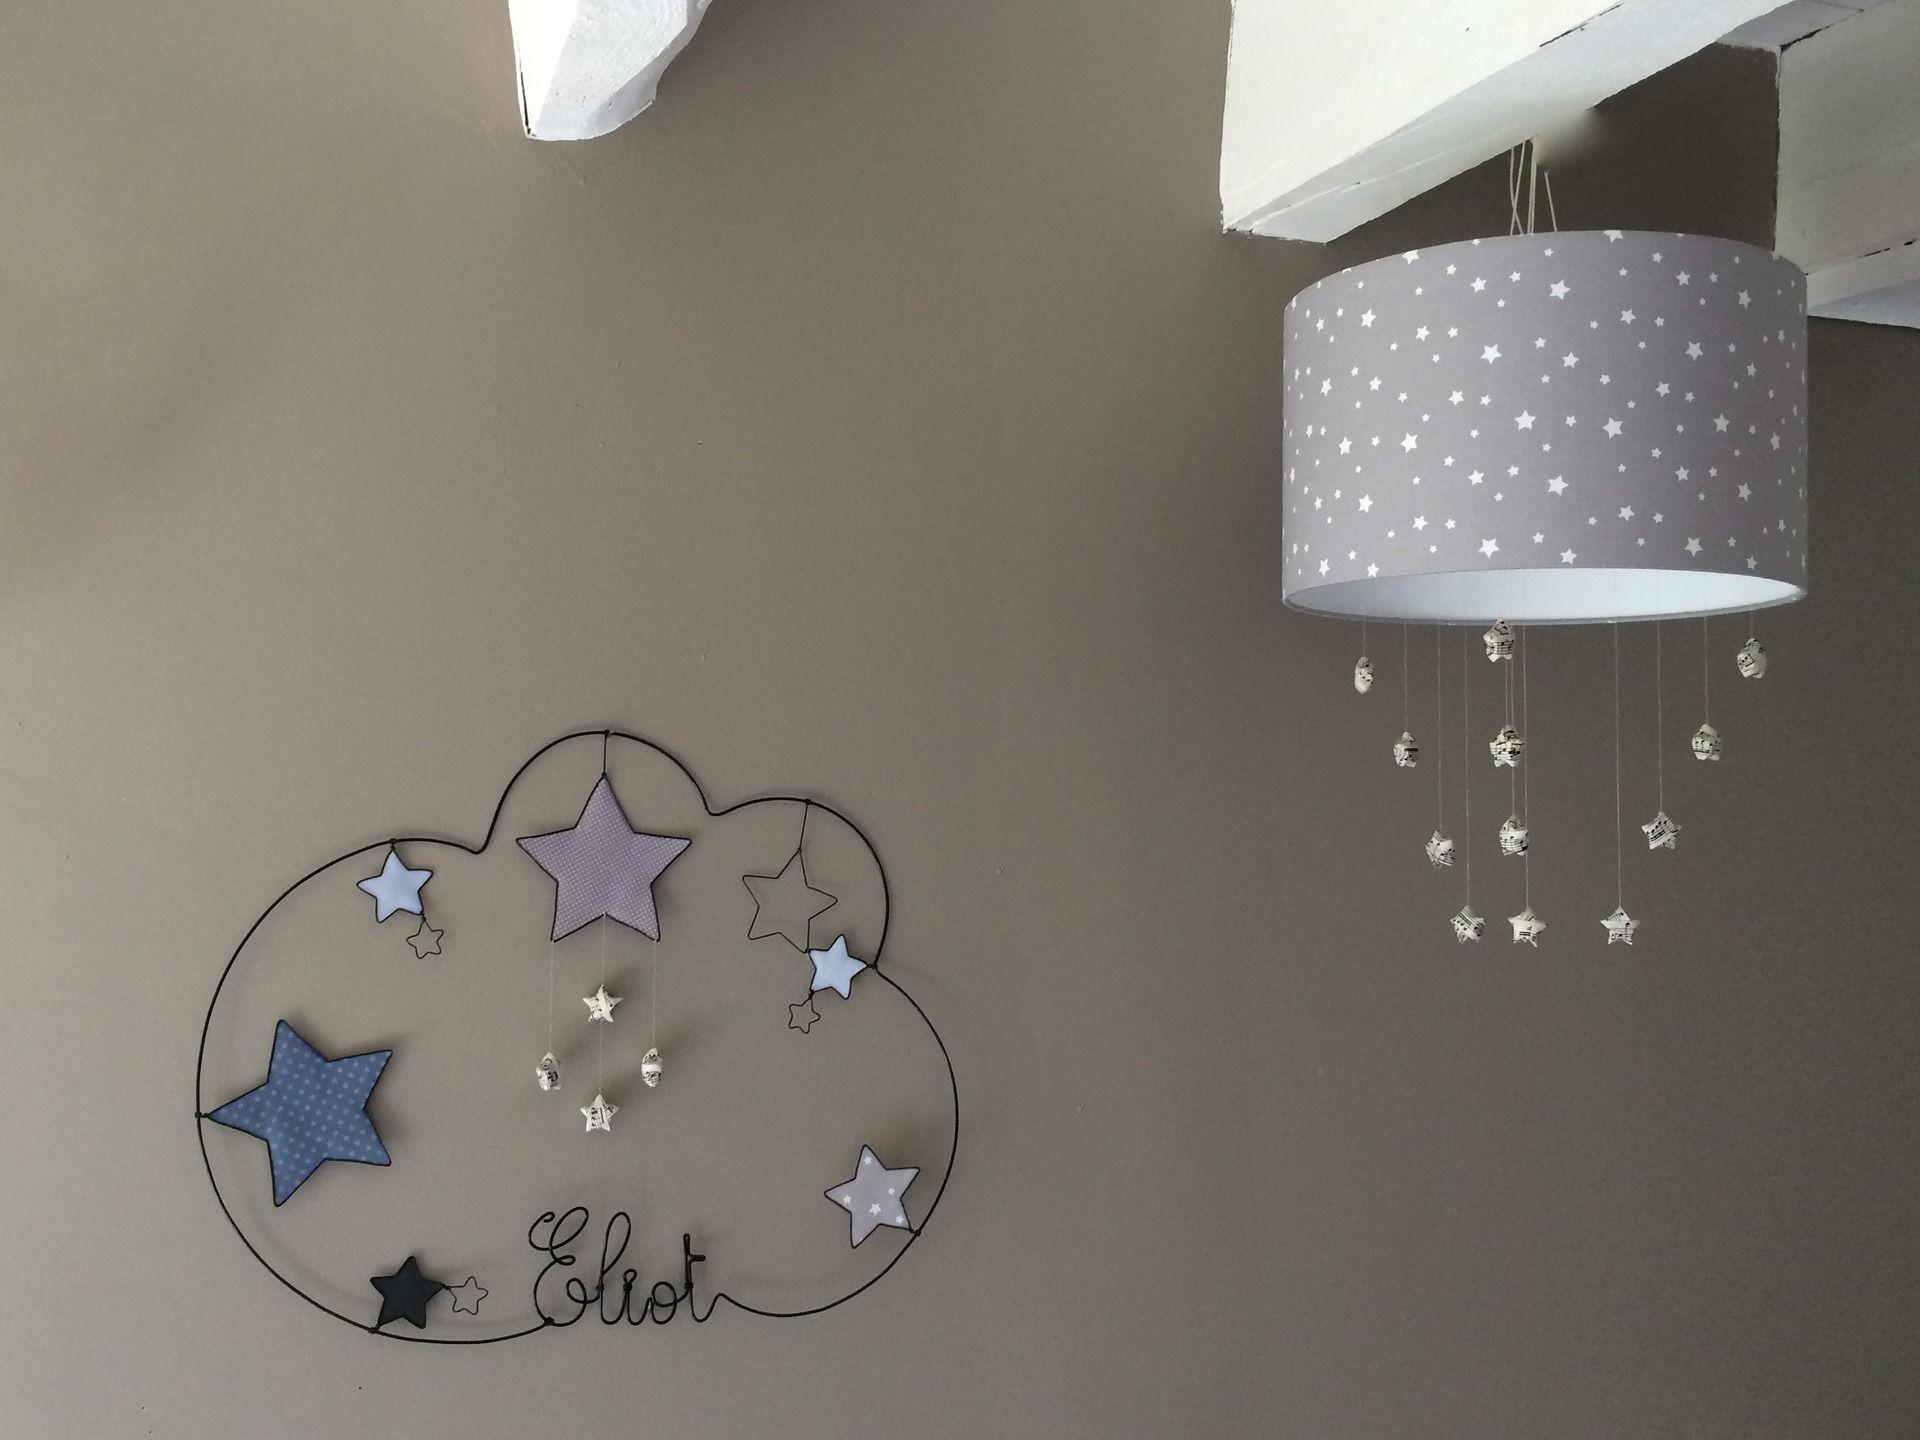 Abat jour suspension pour decoration de chambre d enfant etoile